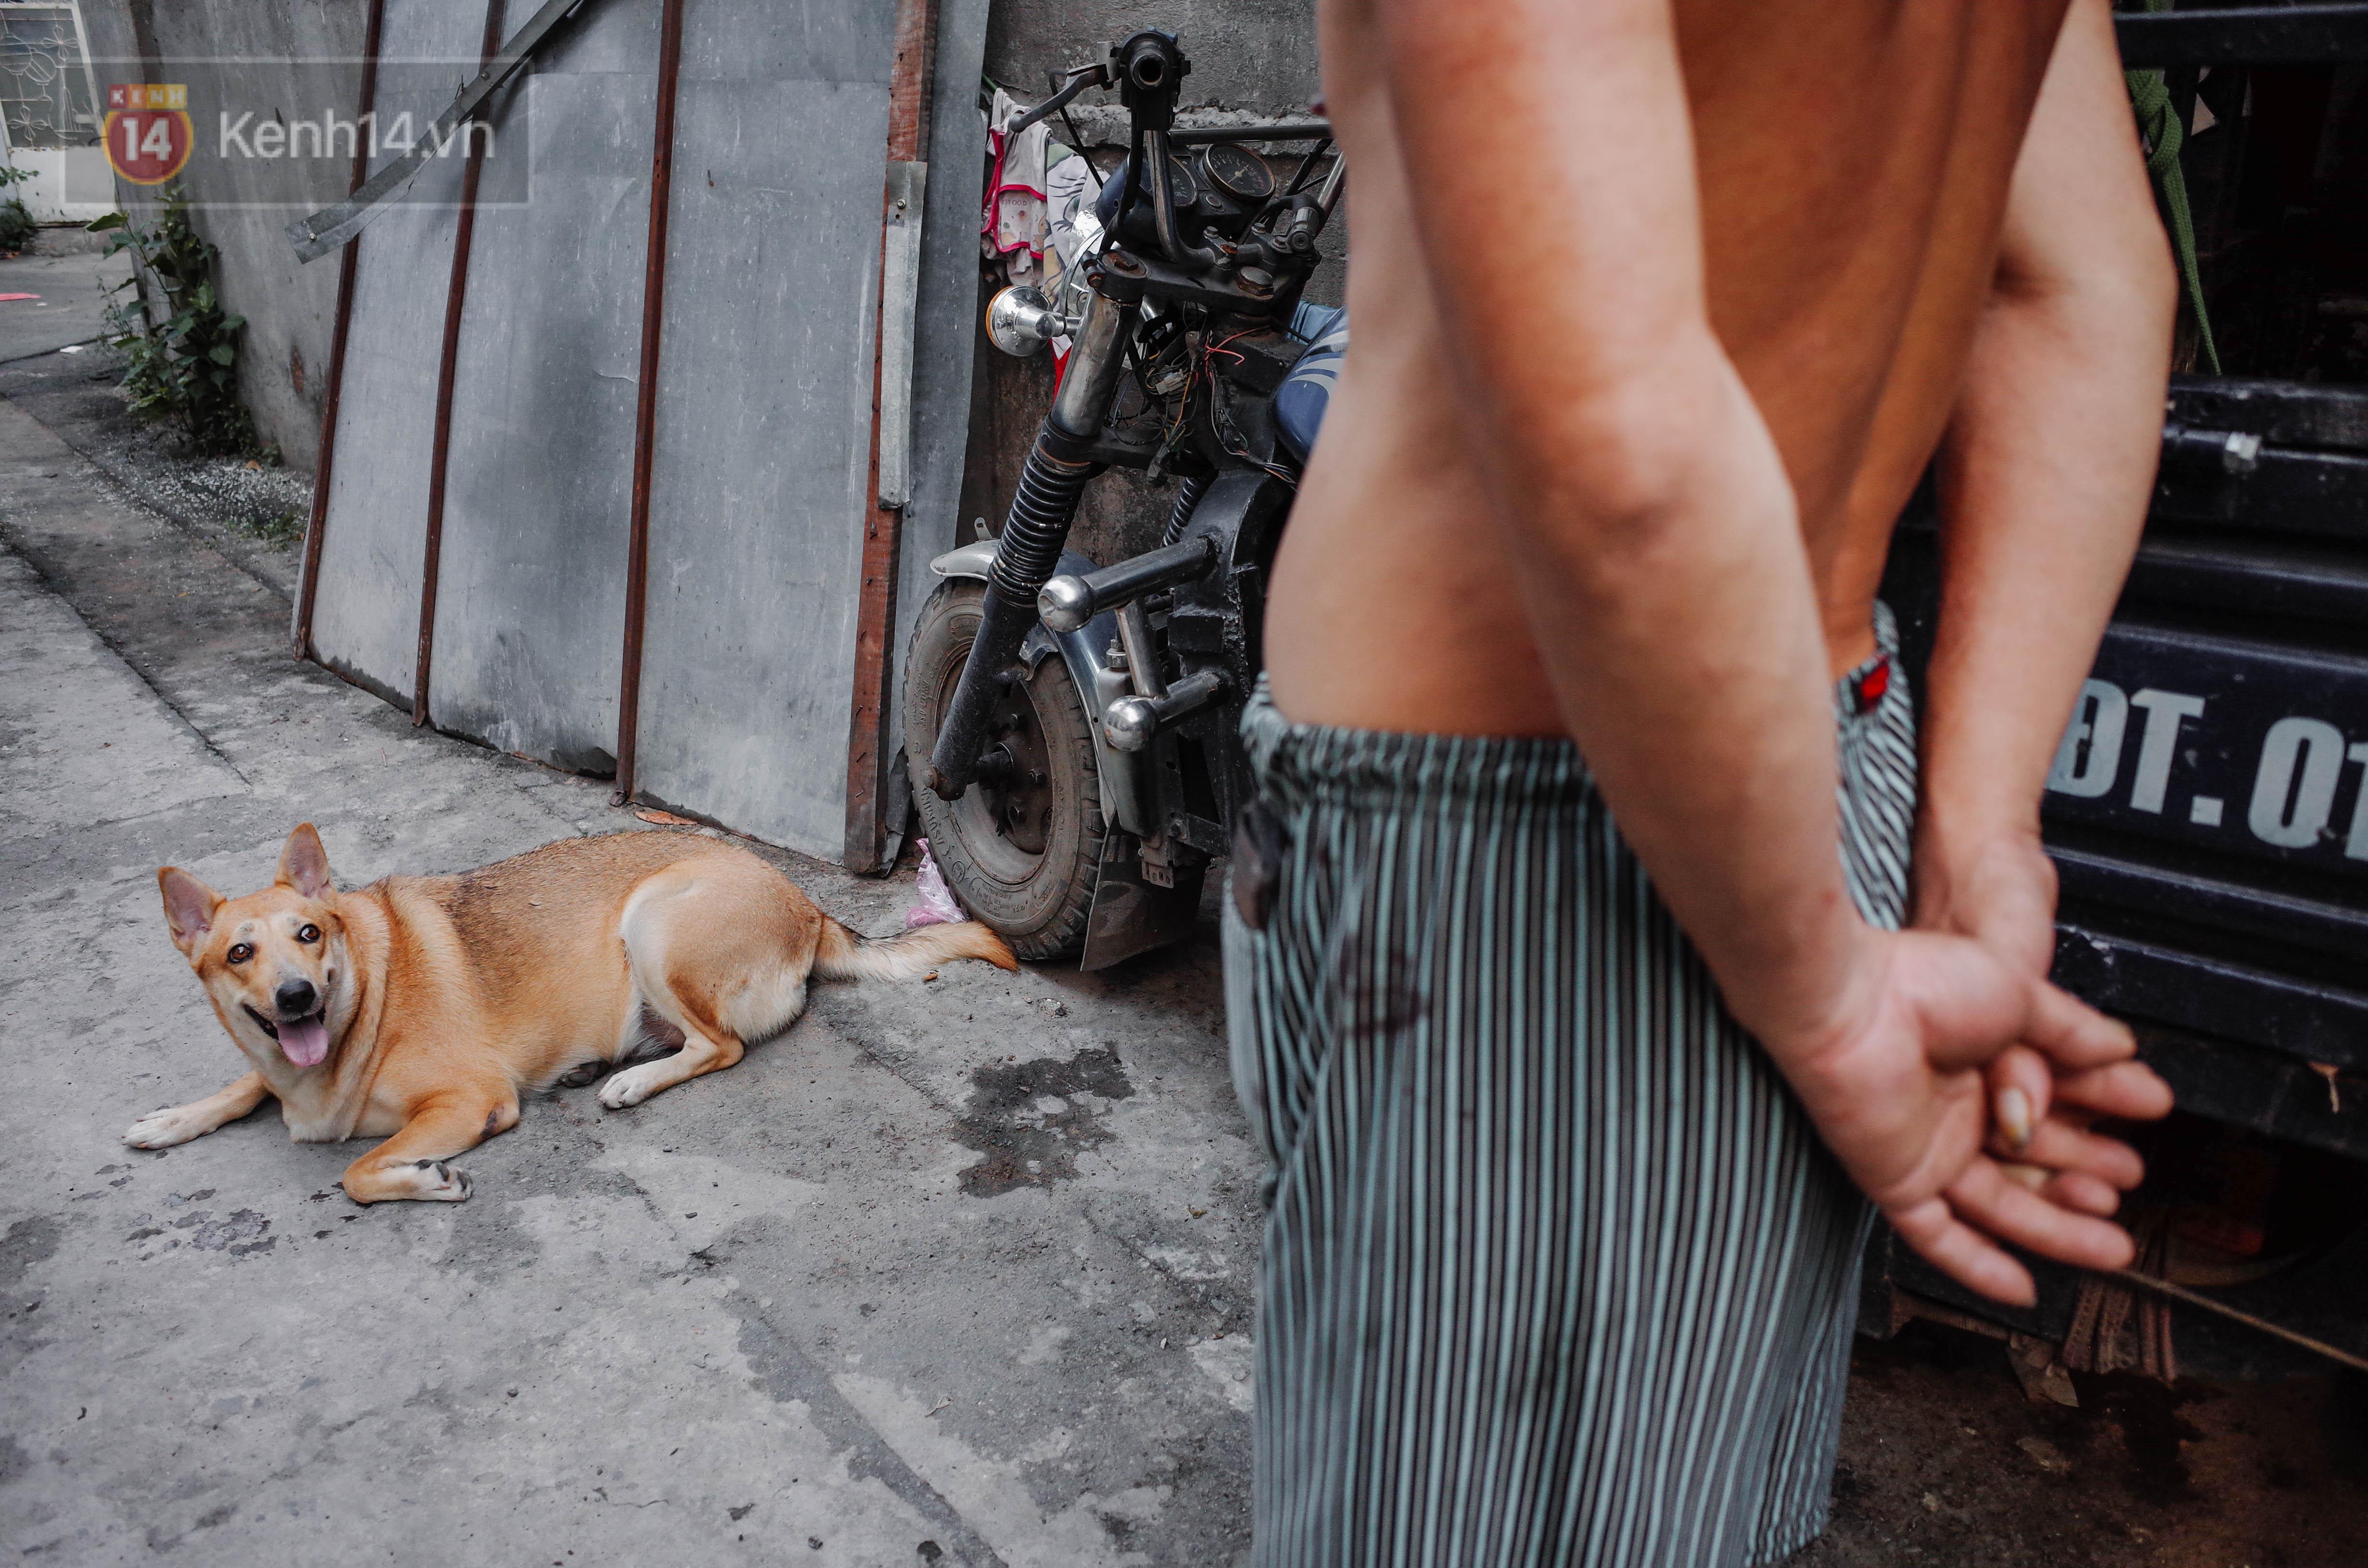 Đời sống: Gặp Gấu - chú chó cá tính nhất Sài Gòn: Chủ mua gì cũng xung phong xách hộ, không cho theo thì hờn mát bỏ ăn!